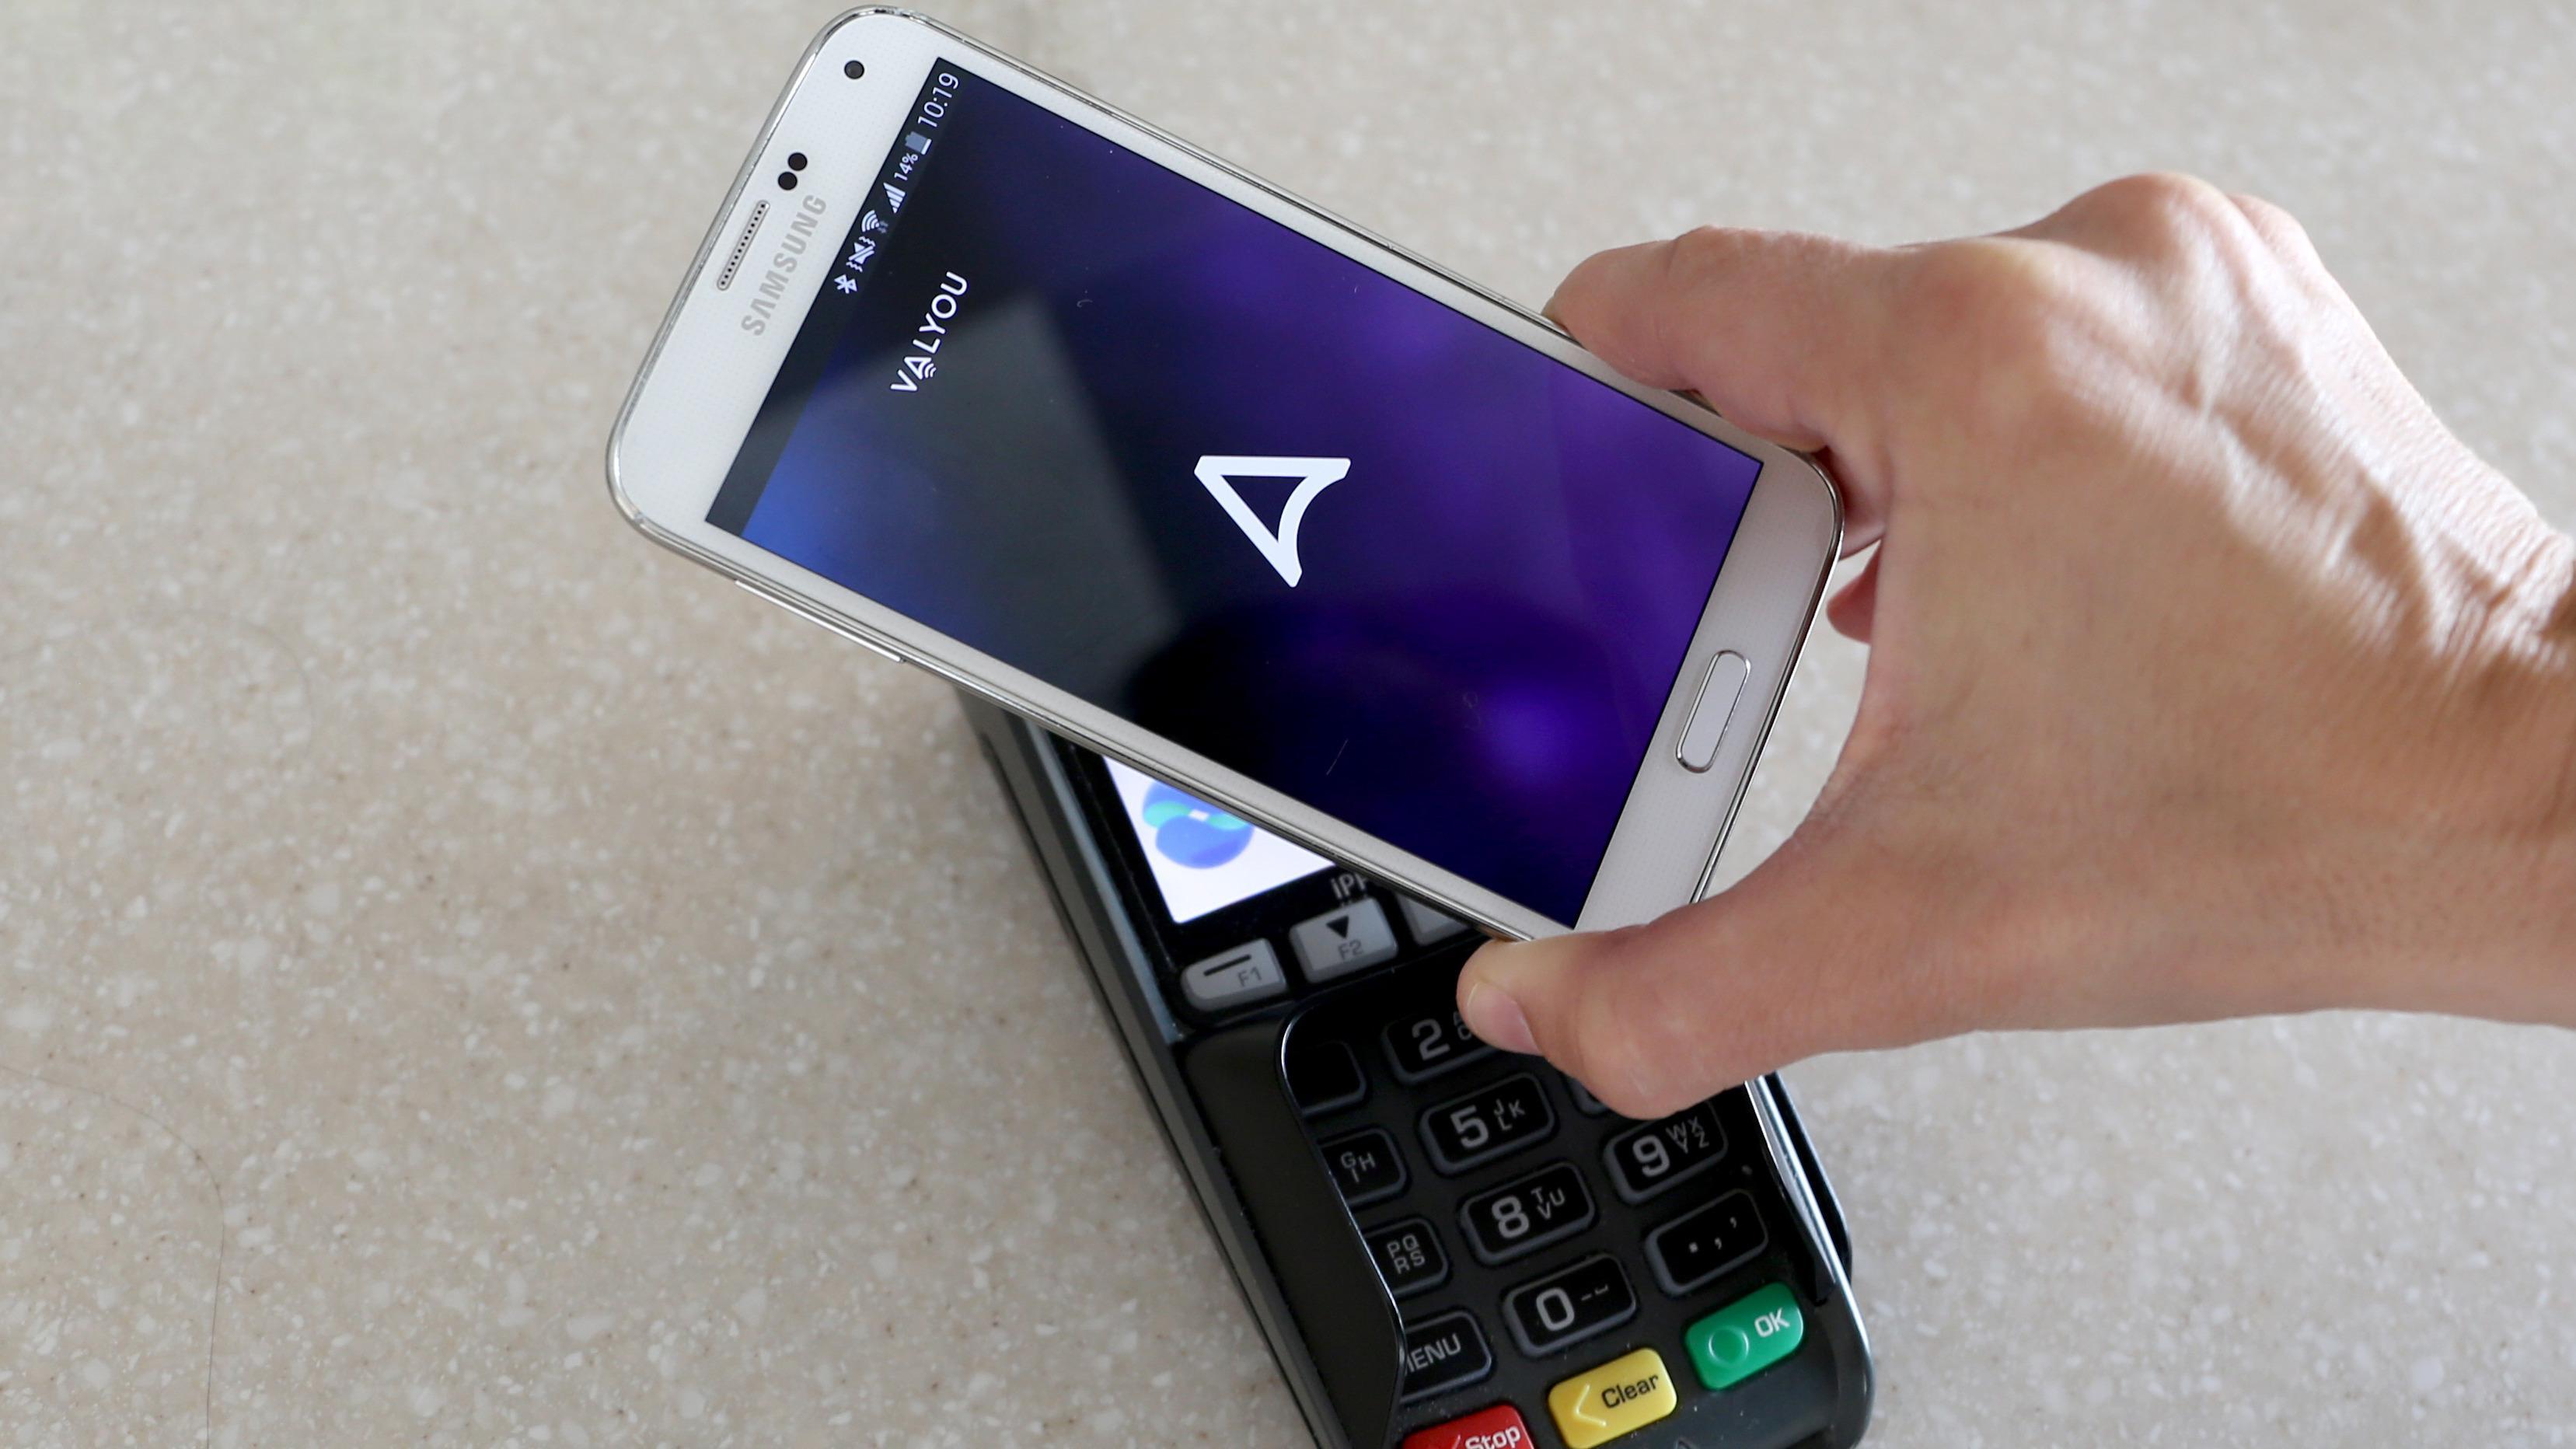 Endelig kan du betale i butikken med mobilen